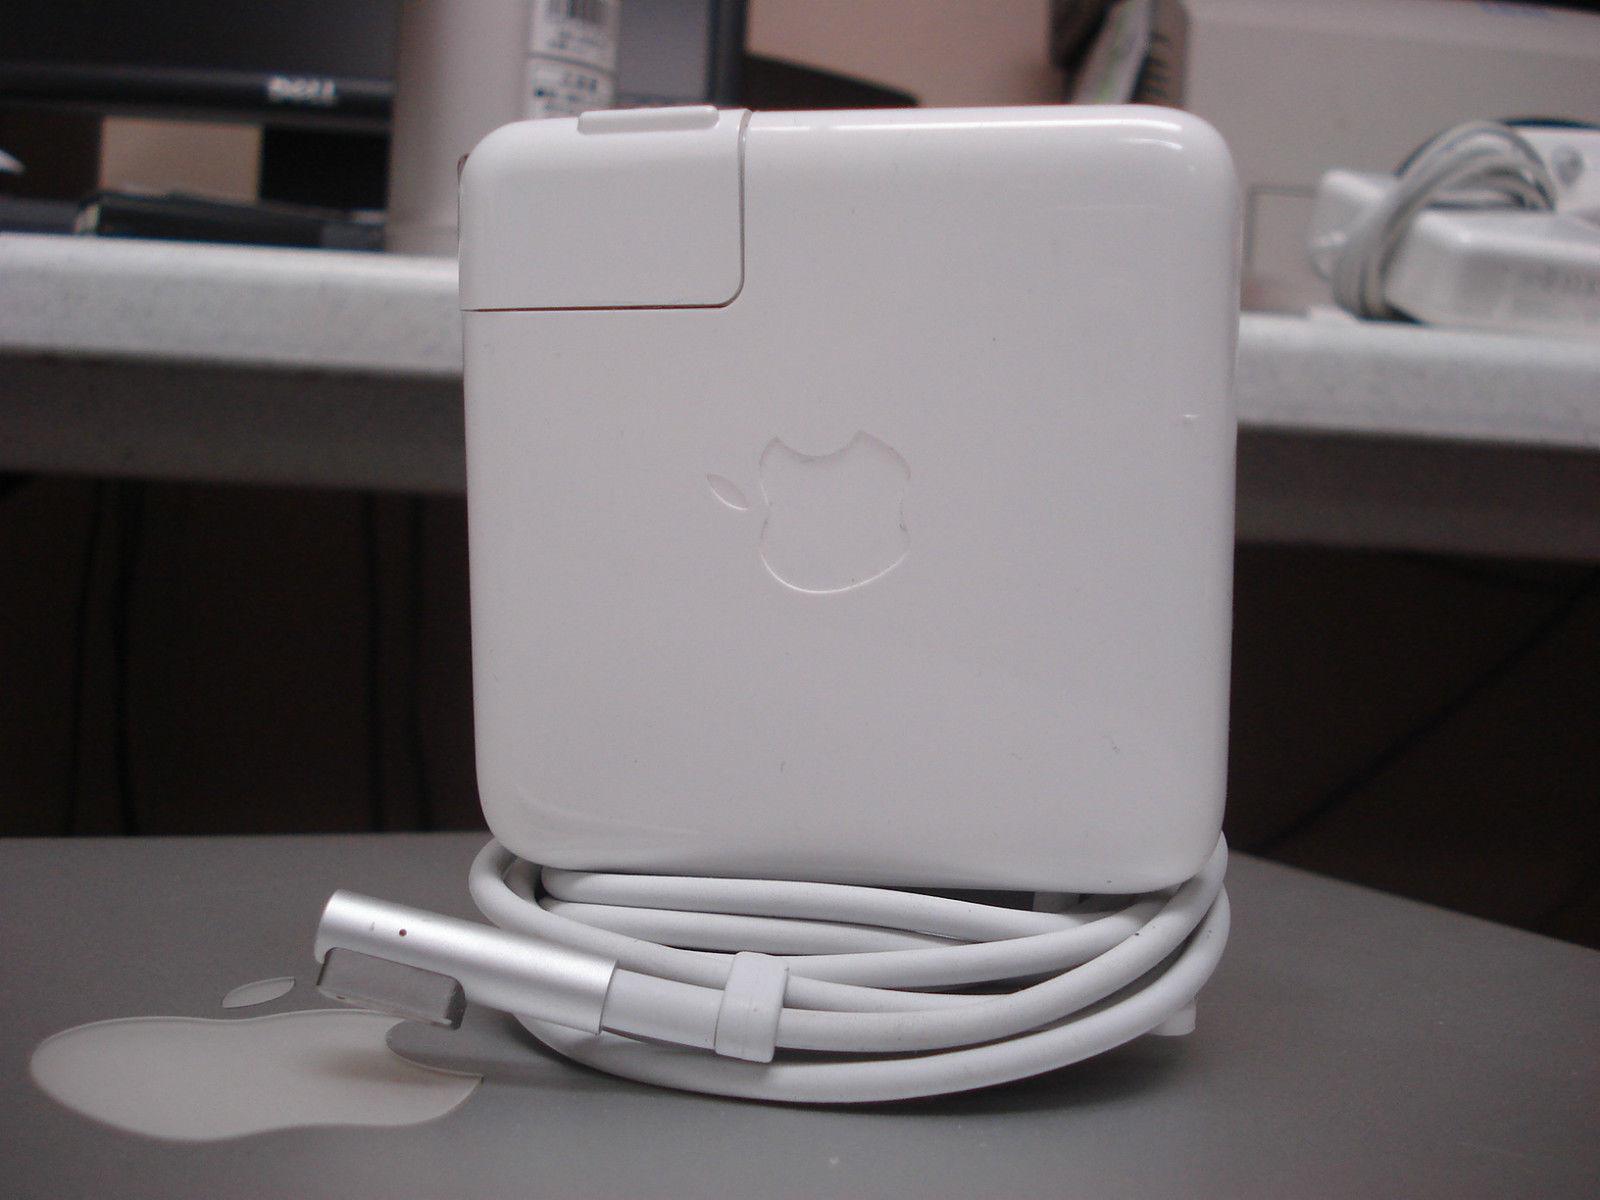 Giá Sạc Macbook Pro 16.4V-3.65A - 60W - magsafe 1  A1181, A1184, A1185, A1278, A1280, A1330, A1342, A1344 -CÓ LOGO TÁO